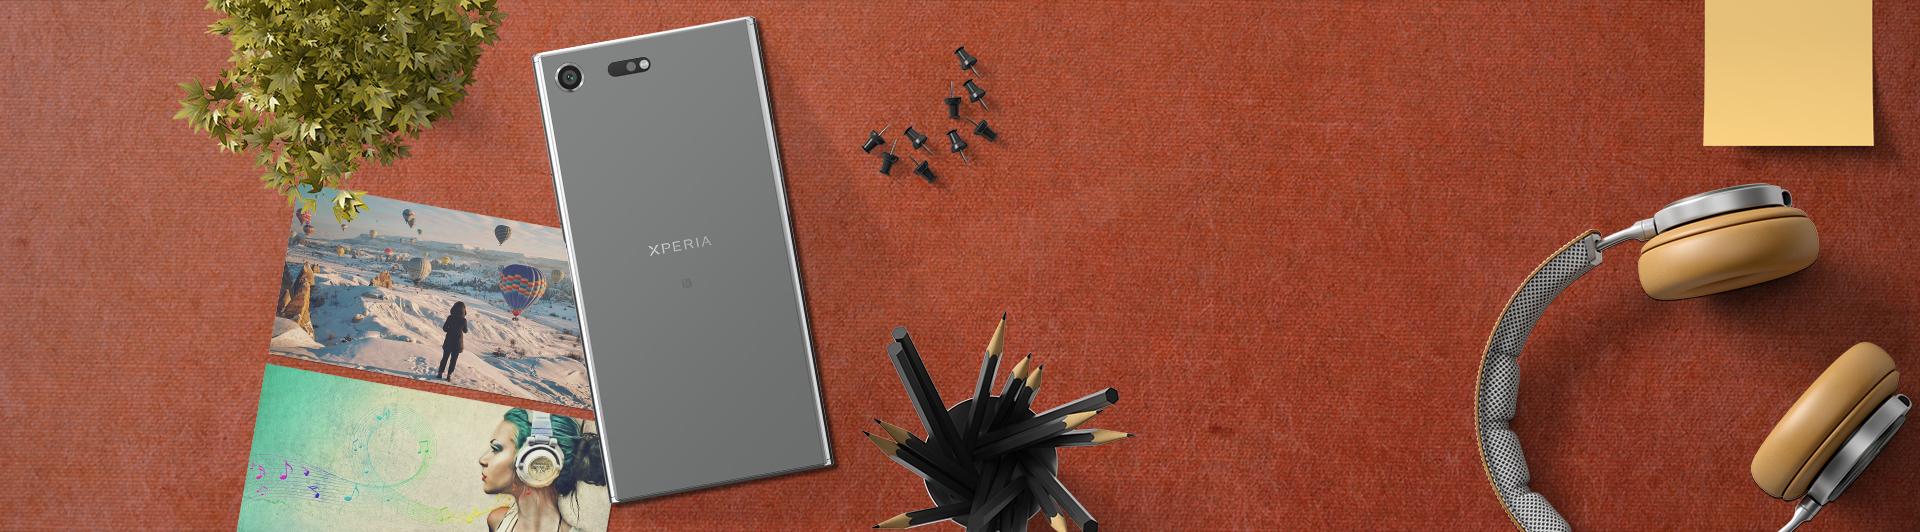 Điện thoại Sony Xperia XZ Premium màu chrome có mức giá hấp dẫn tại Nguyễn Kim